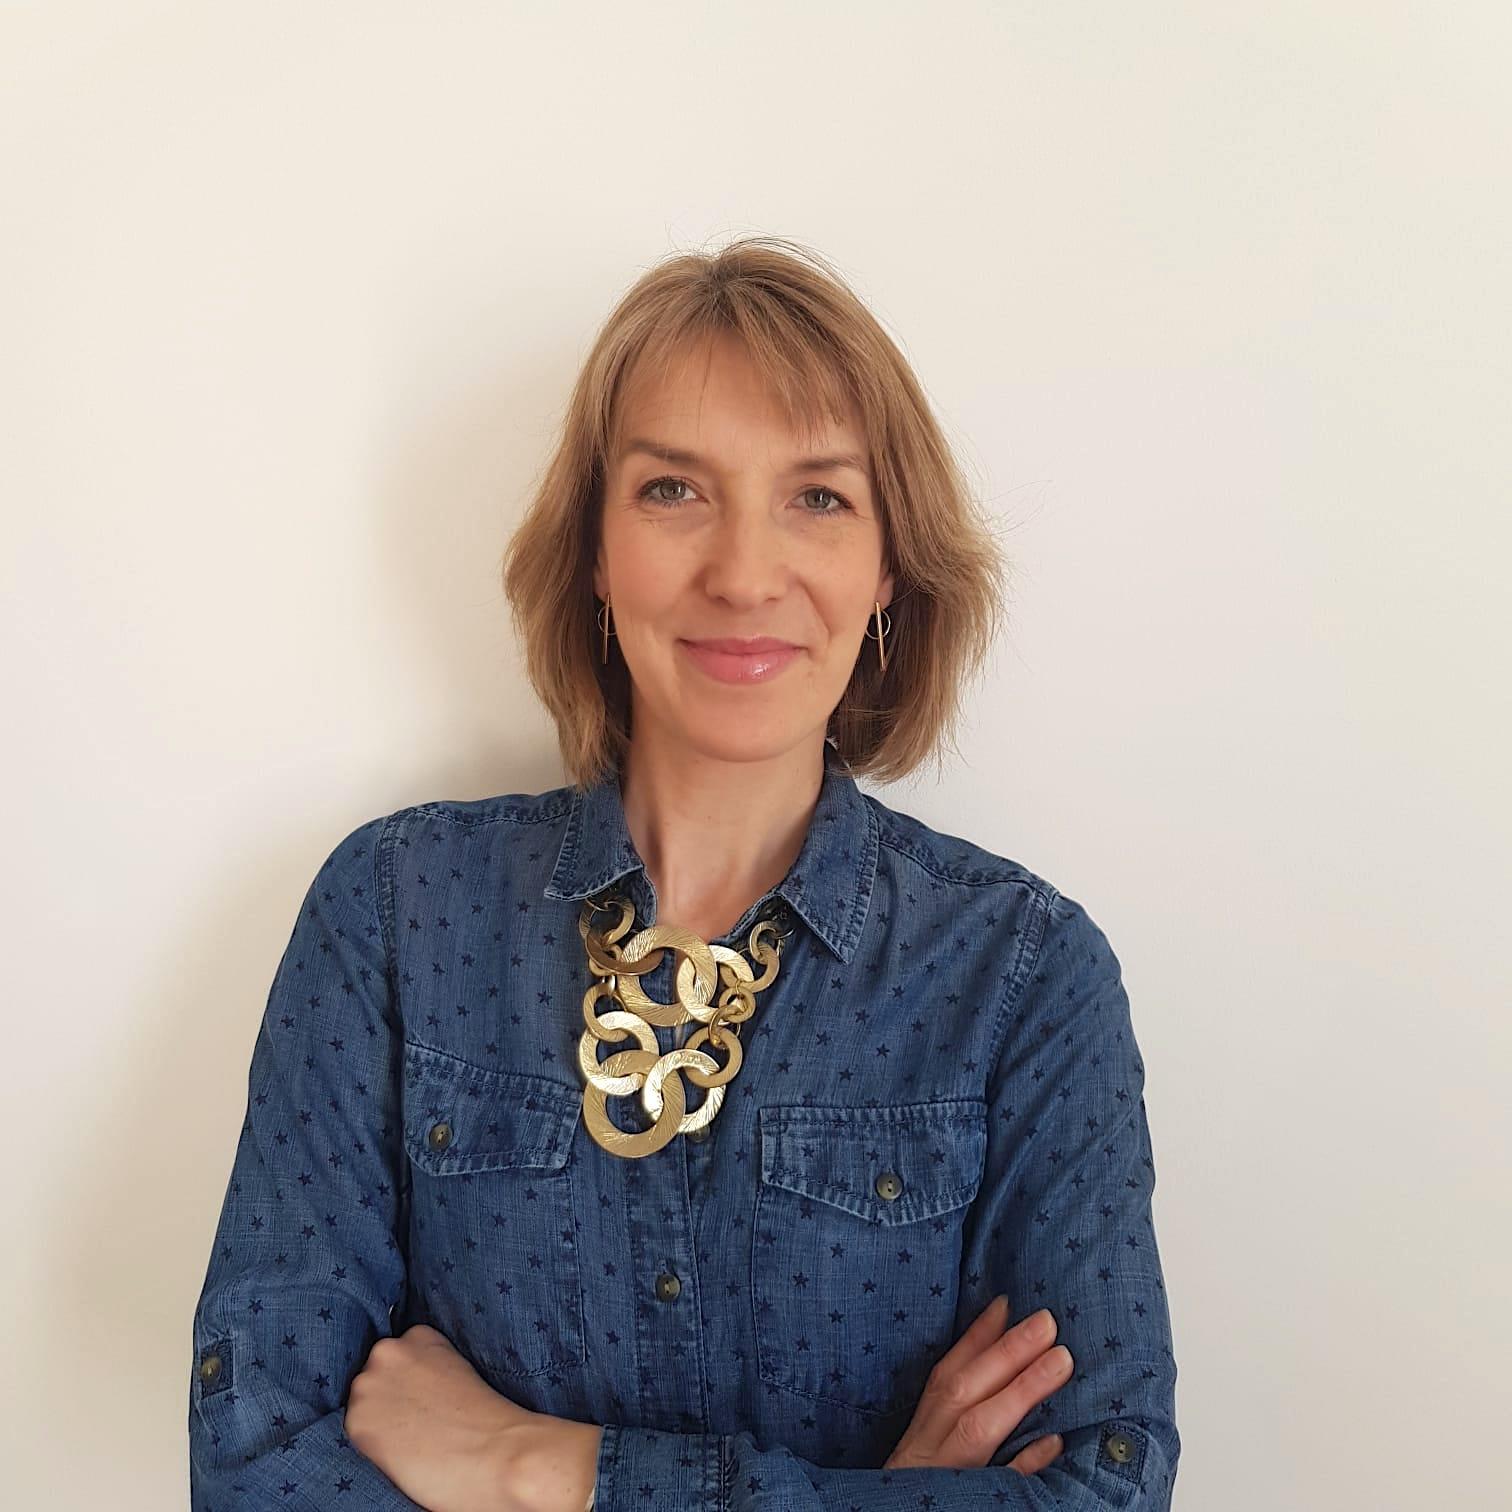 Rachel Schofield